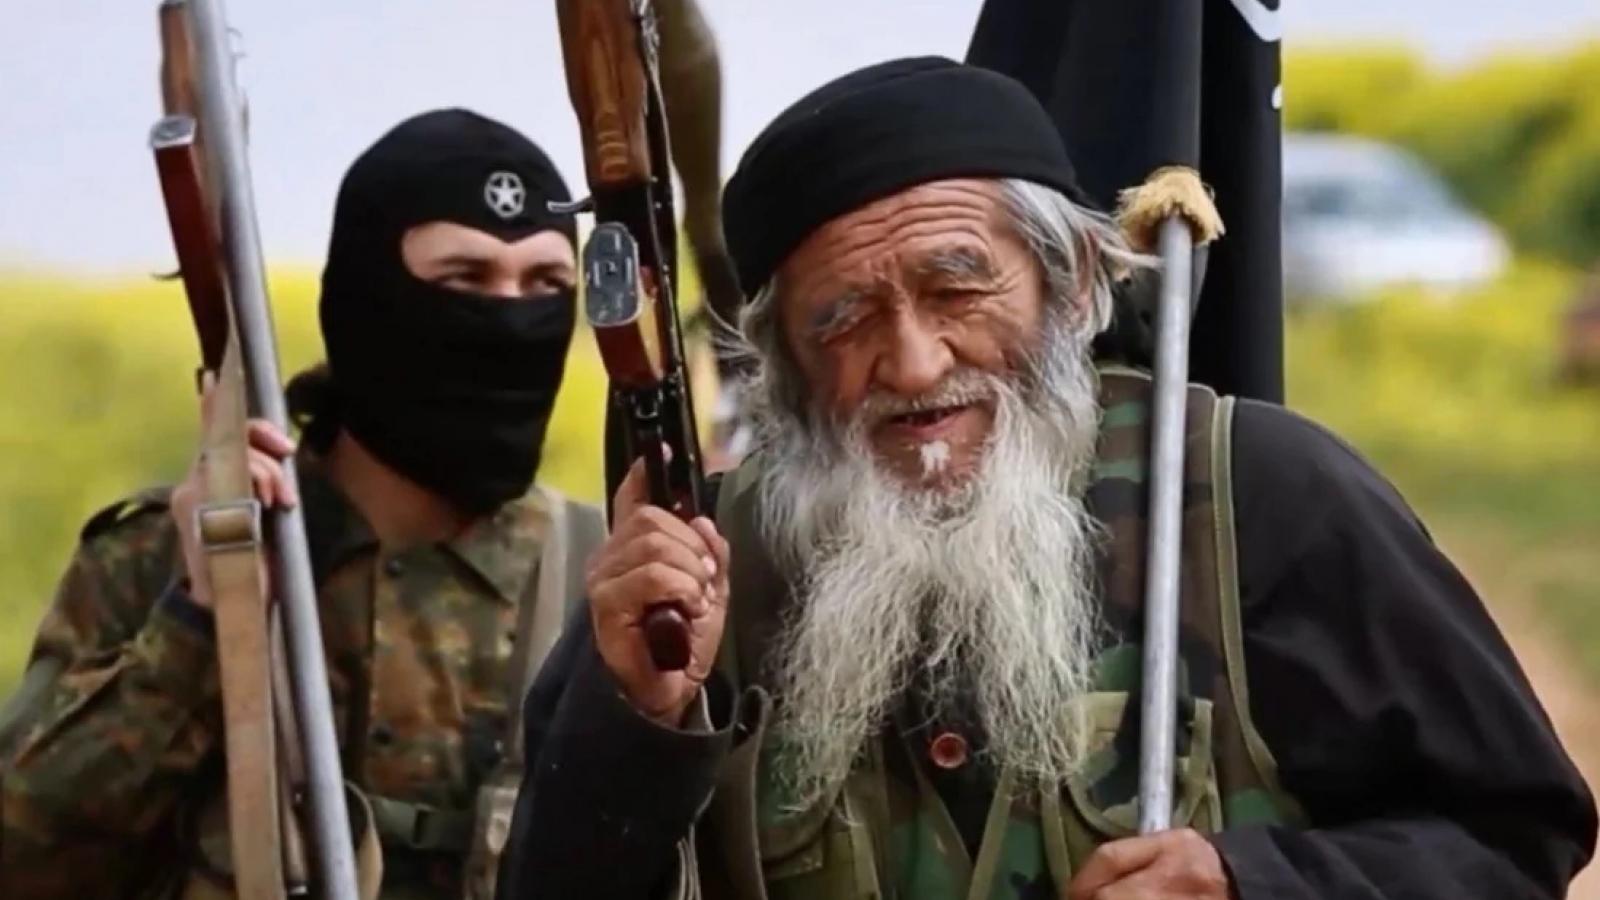 Trung Quốc thúc đẩy quan hệ với Taliban để kiềm chế nhóm thánh chiến ETIM?